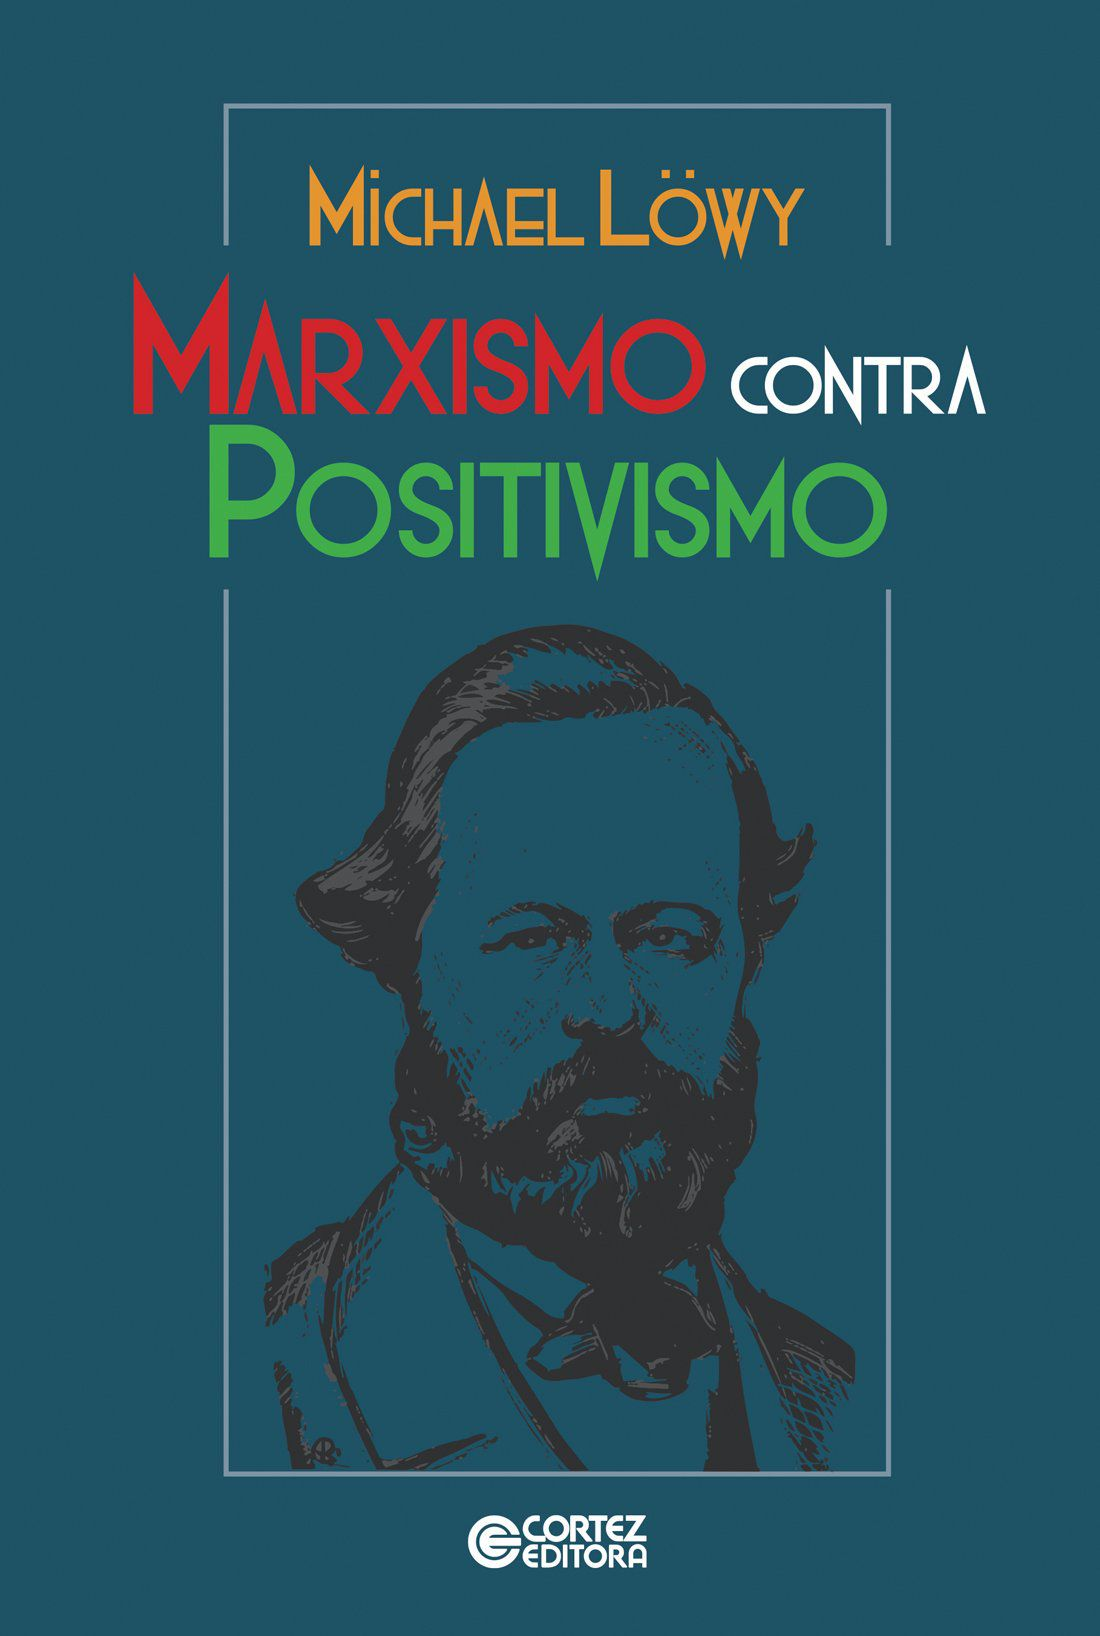 Marxismo contra positivismo - CORTEZ